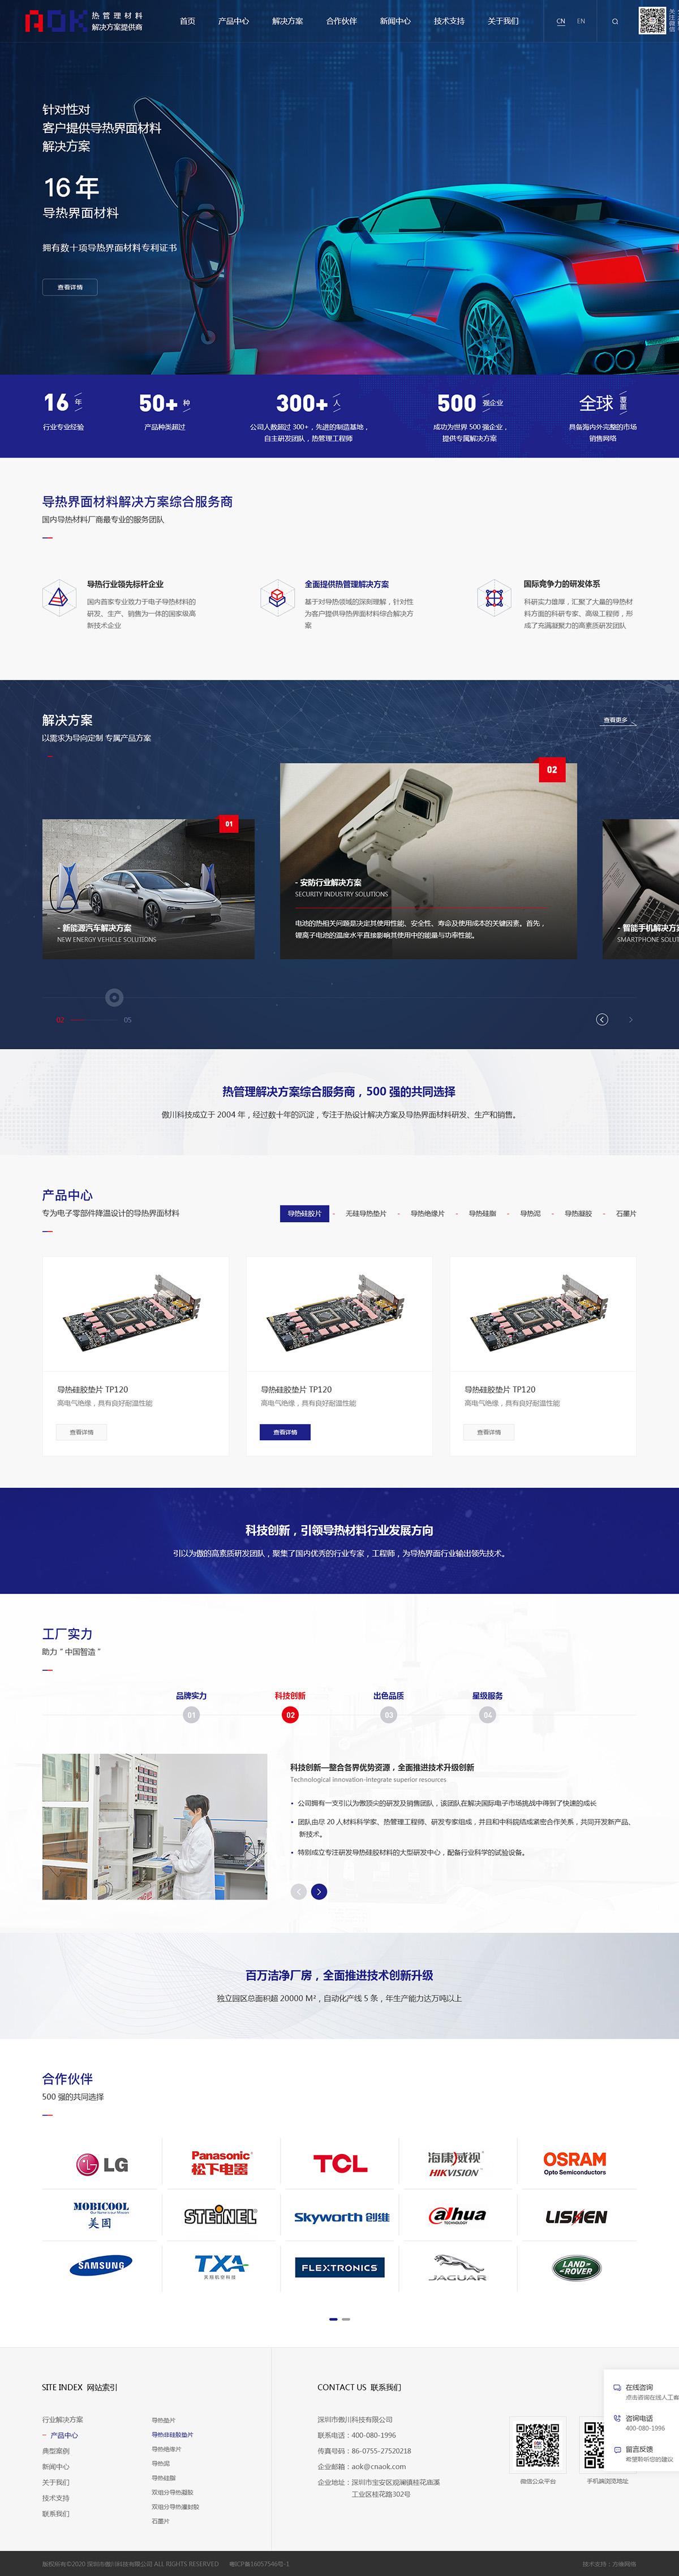 傲川科技网站案例